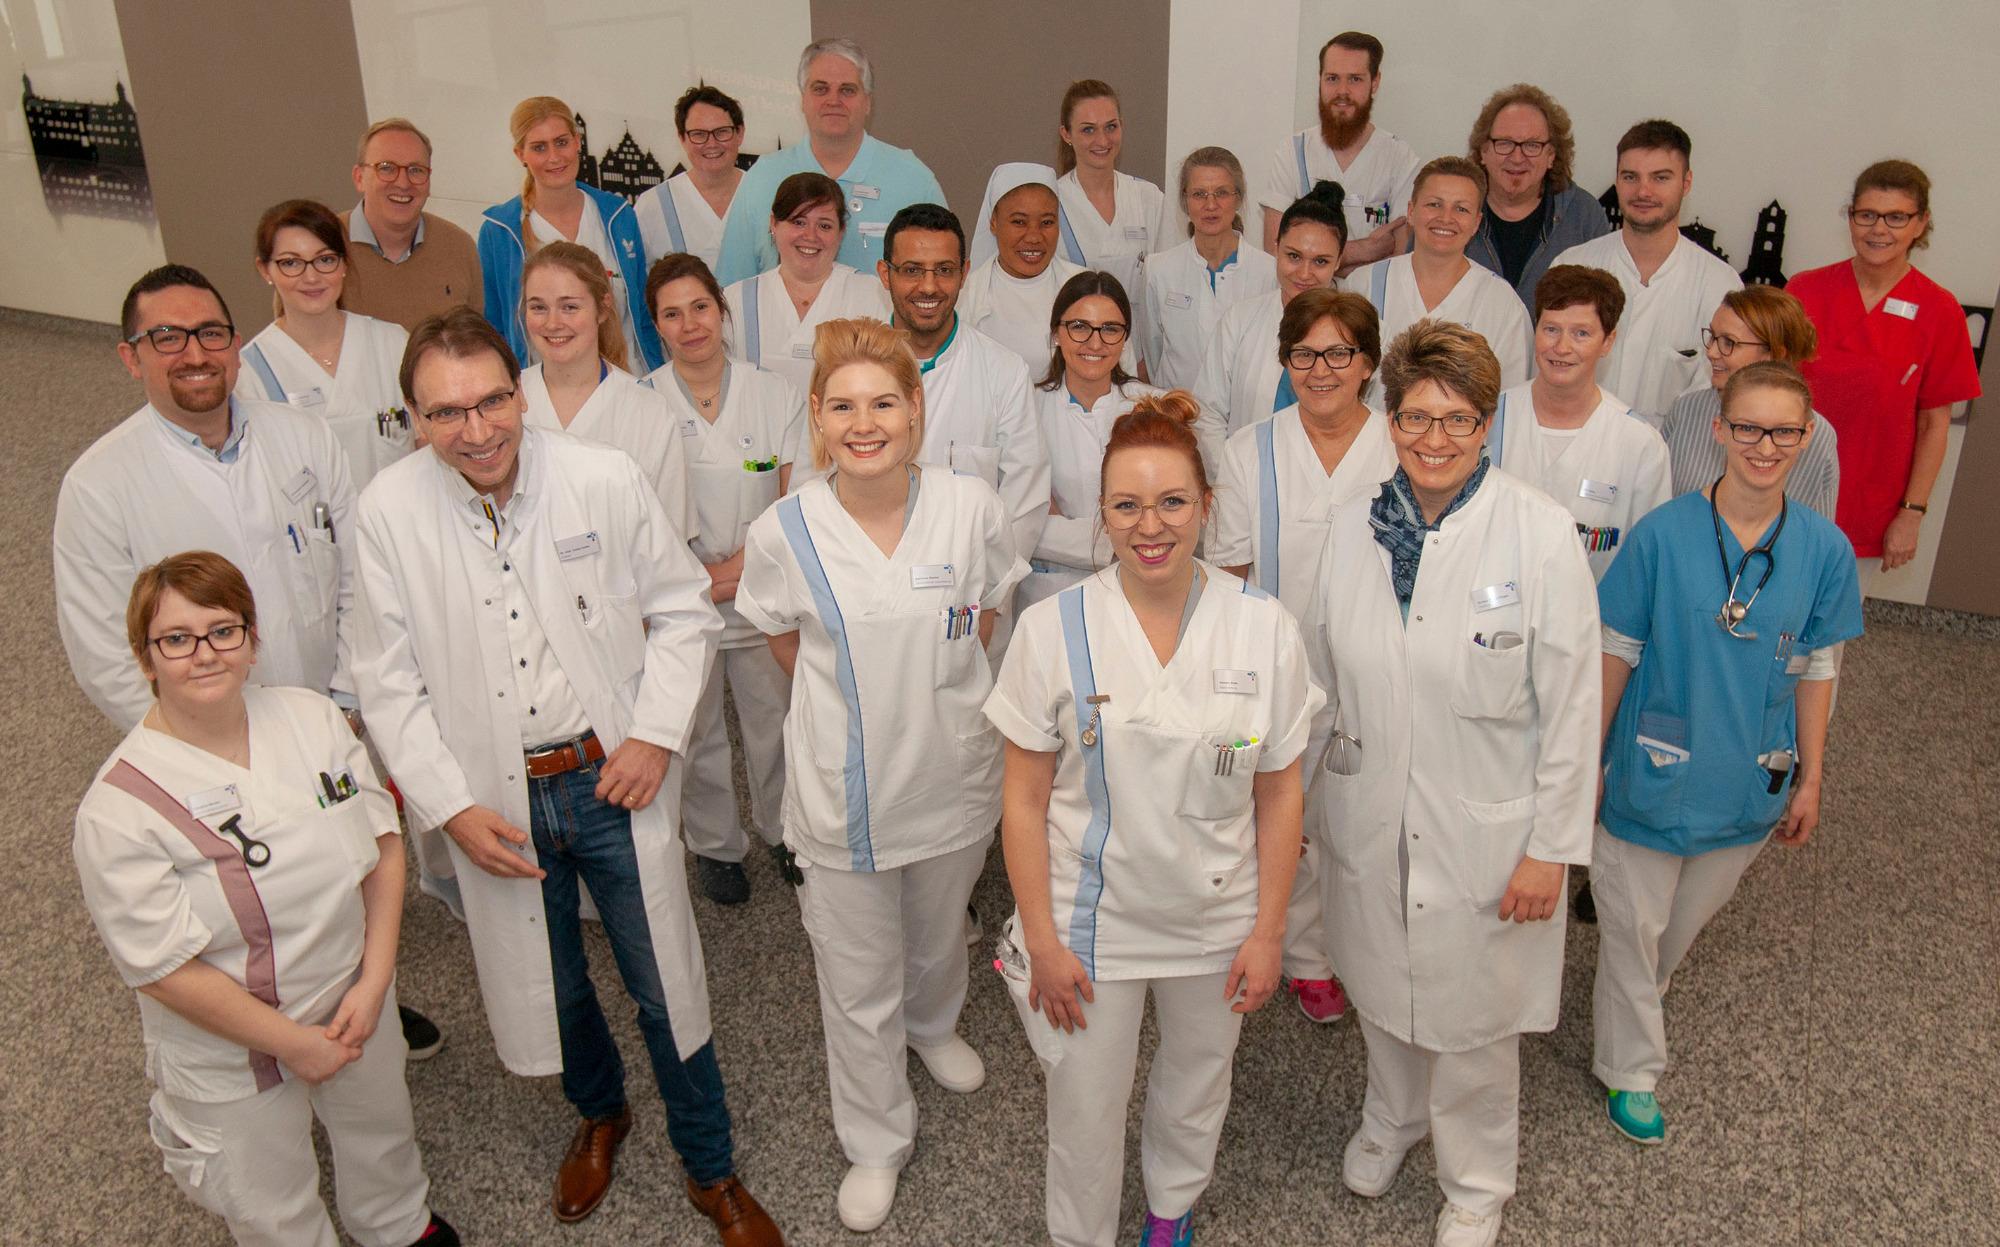 Klinik für Hämatologie und Onkologie / Brüderkrankenhaus St